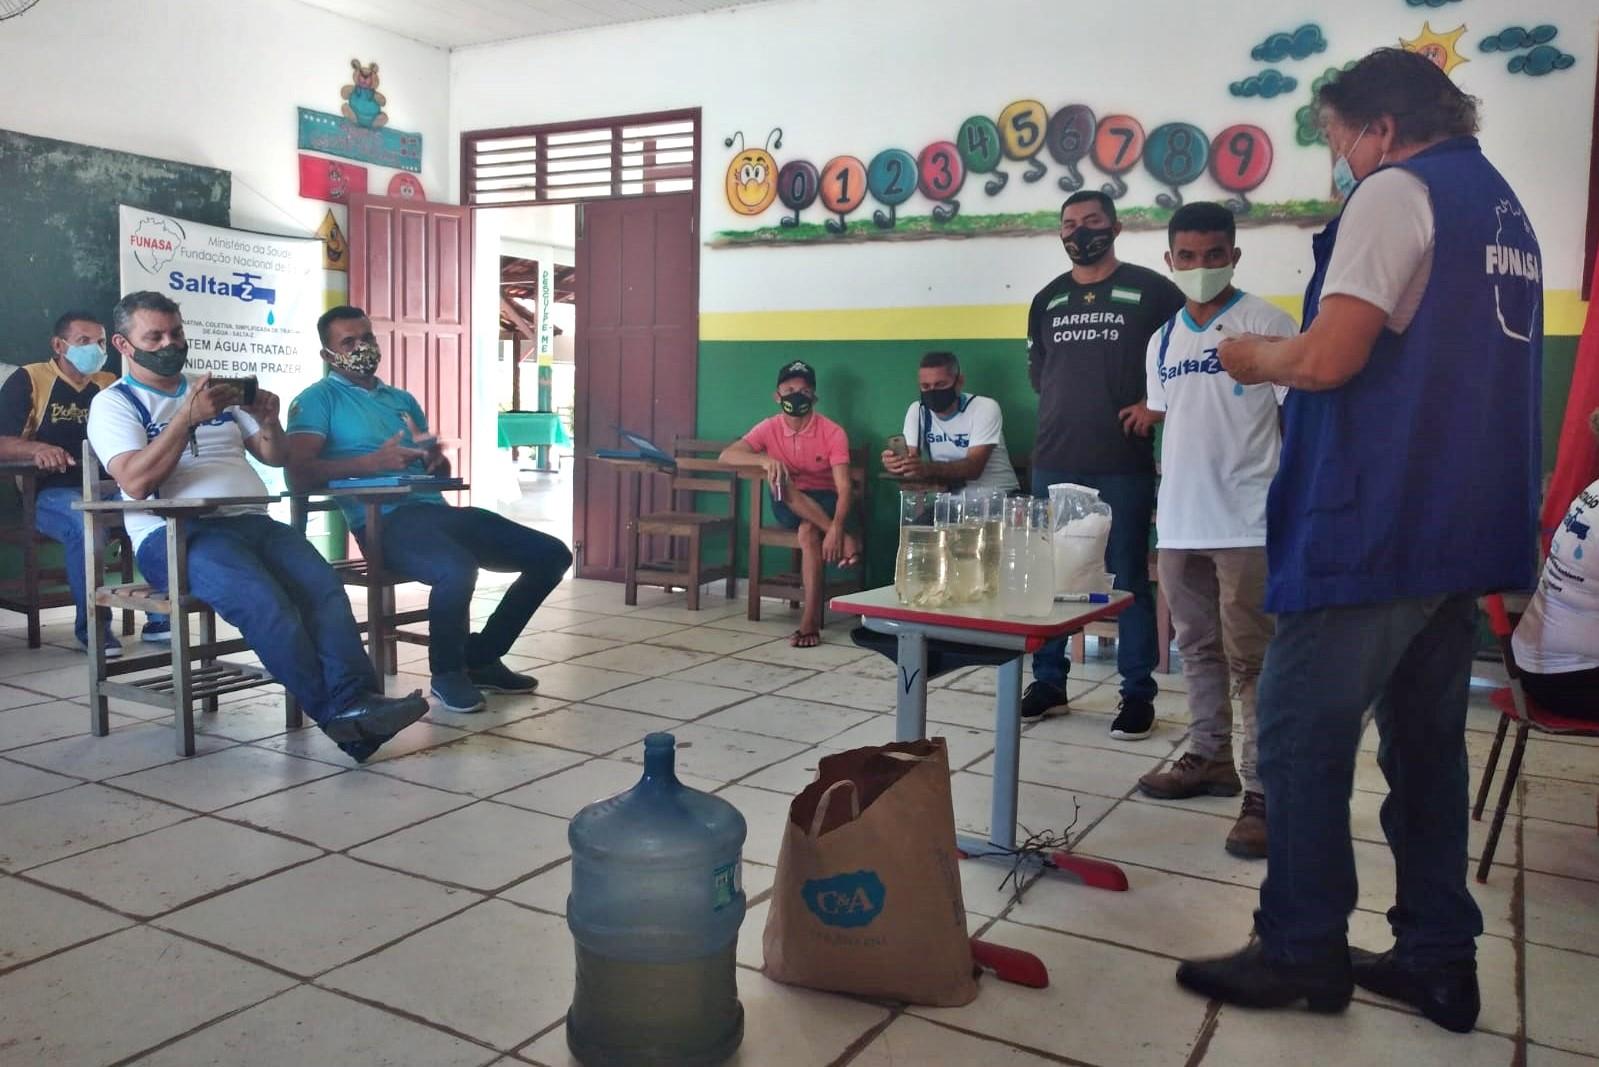 Funasa realiza capacitação e instalação de SALTA-z em Curuá, no Pará